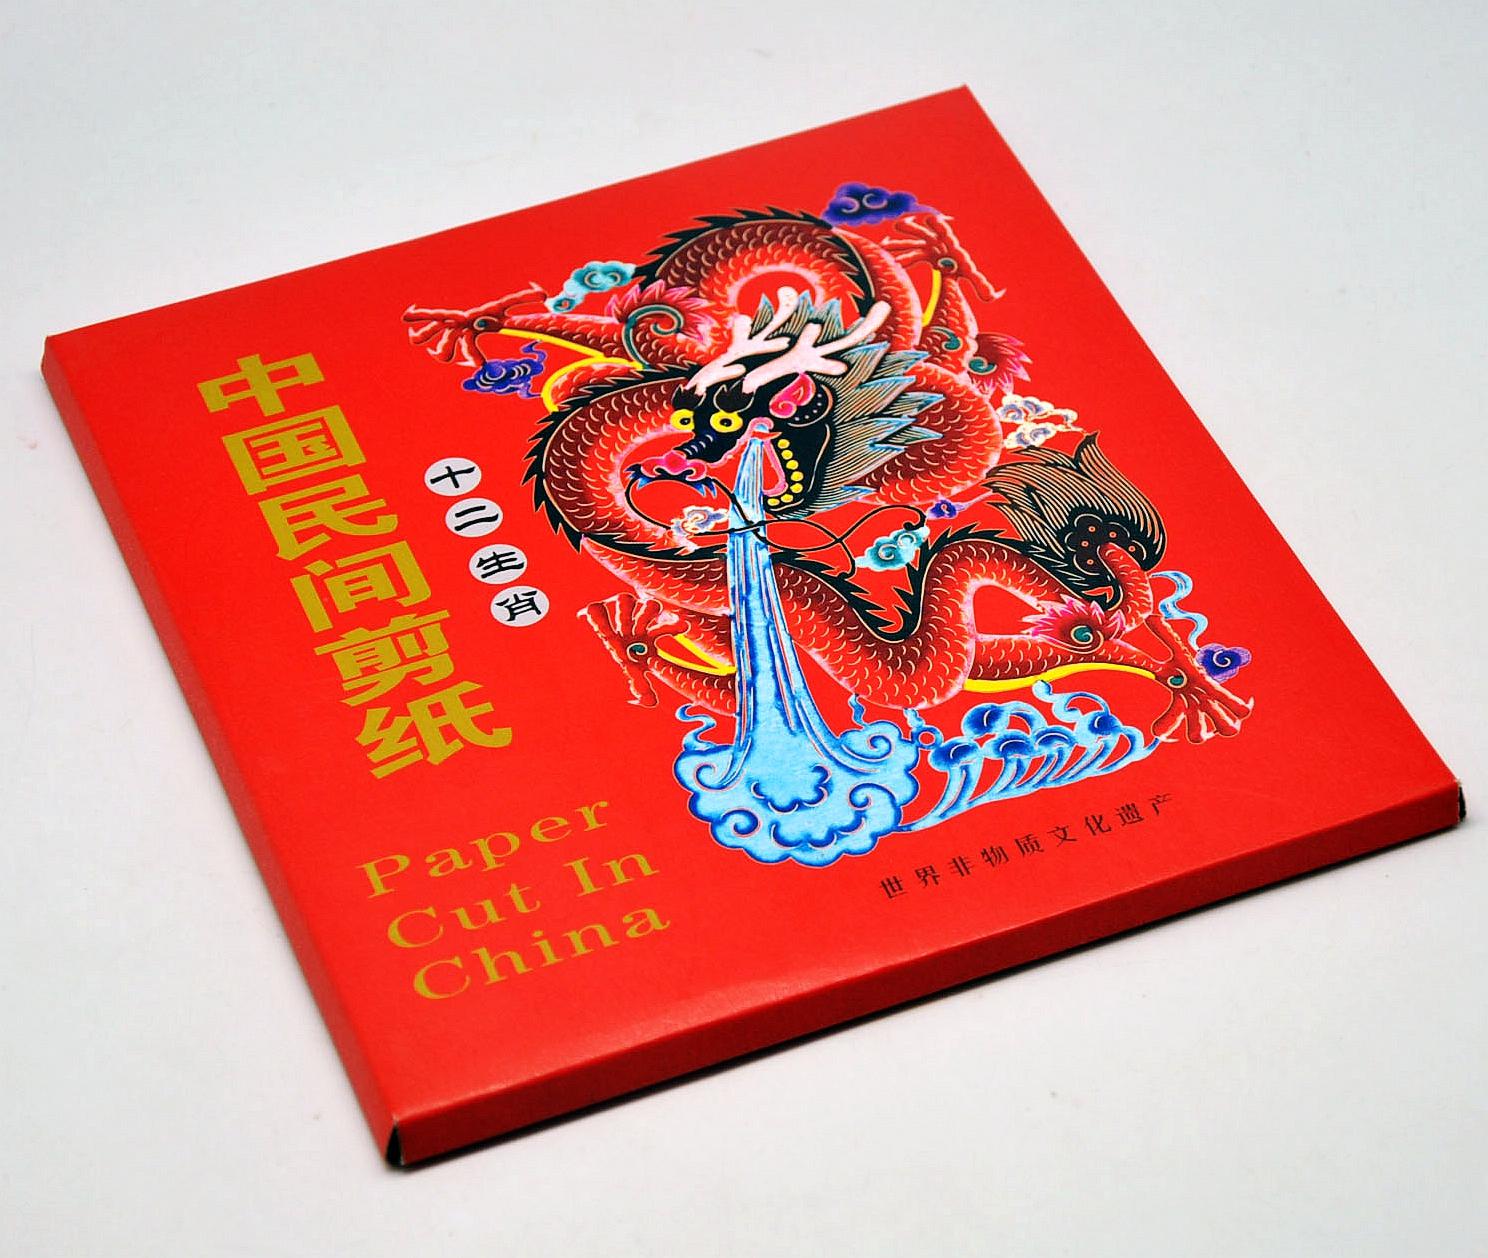 中国风特色手工艺品十二生肖大剪纸画册出国出国小礼品送老外礼物